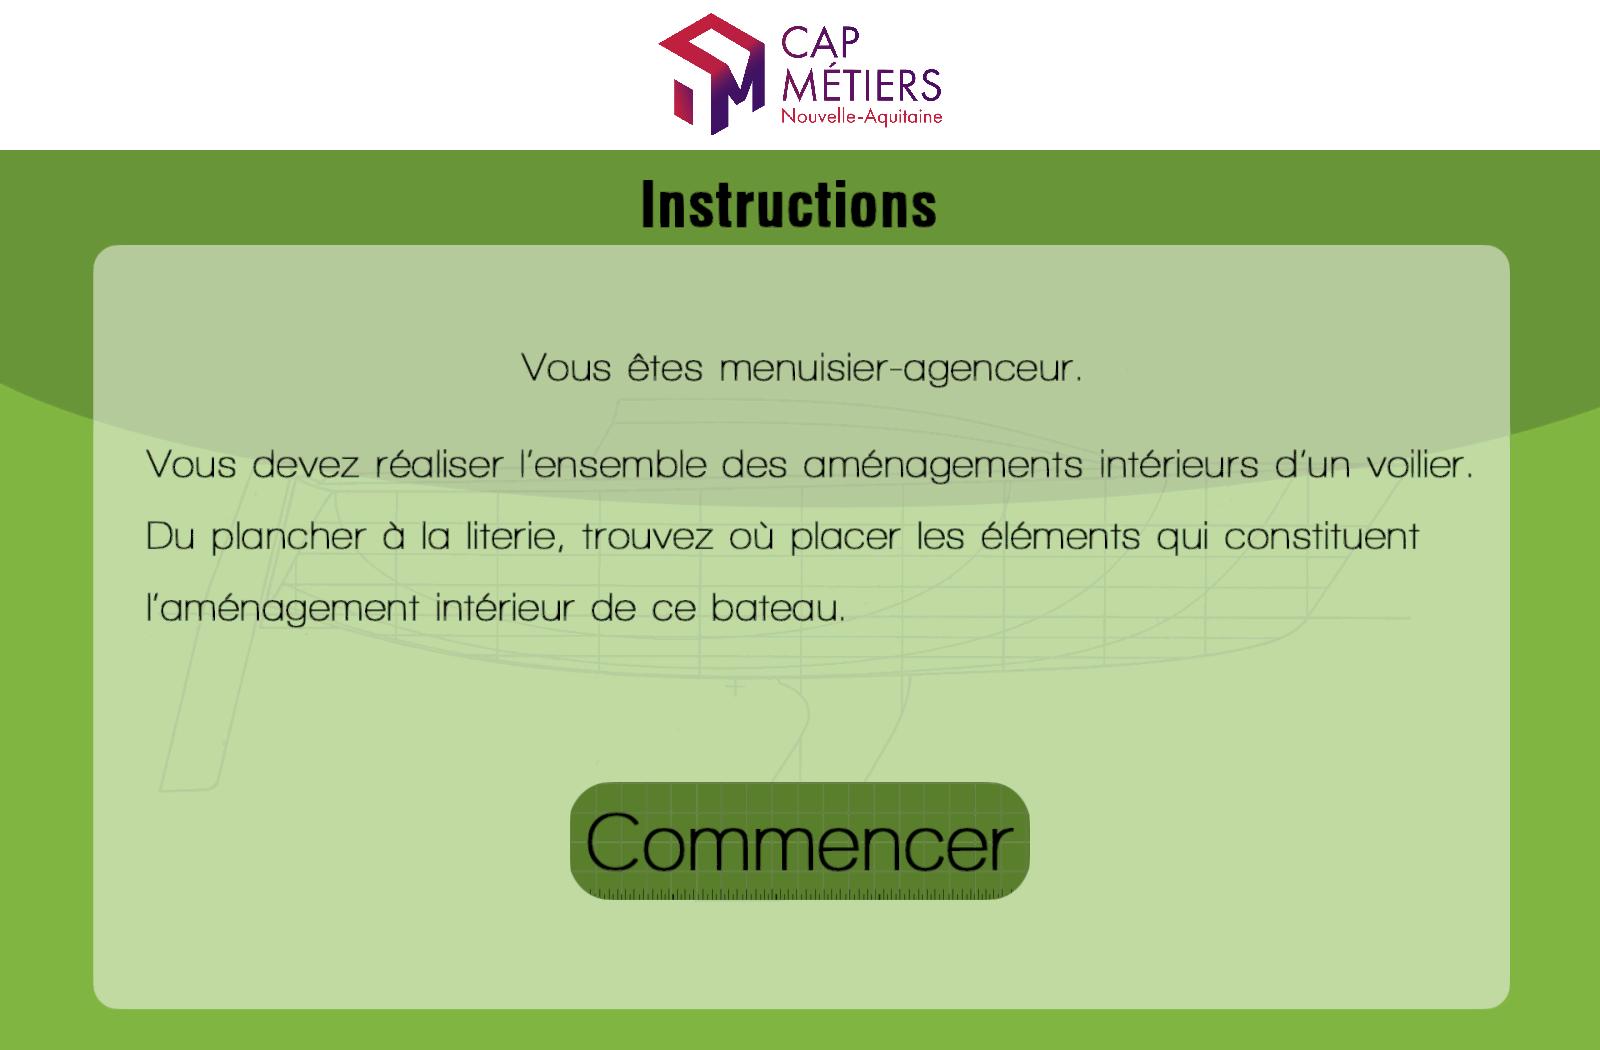 La Construction Nautique - Cap Métiers Nouvelle-Aquitaine